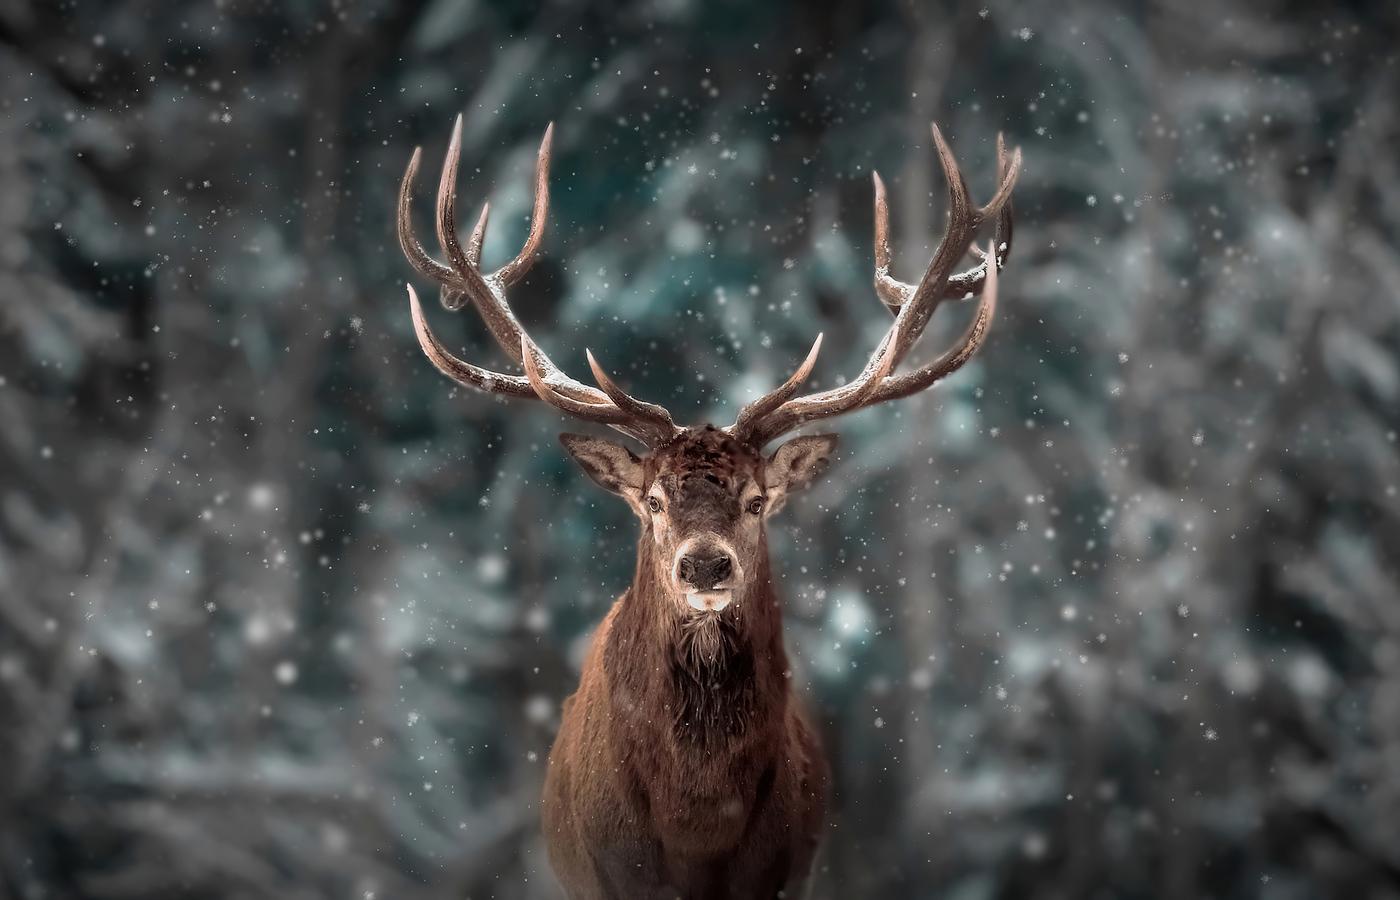 reinderr-snow-4k-kh.jpg